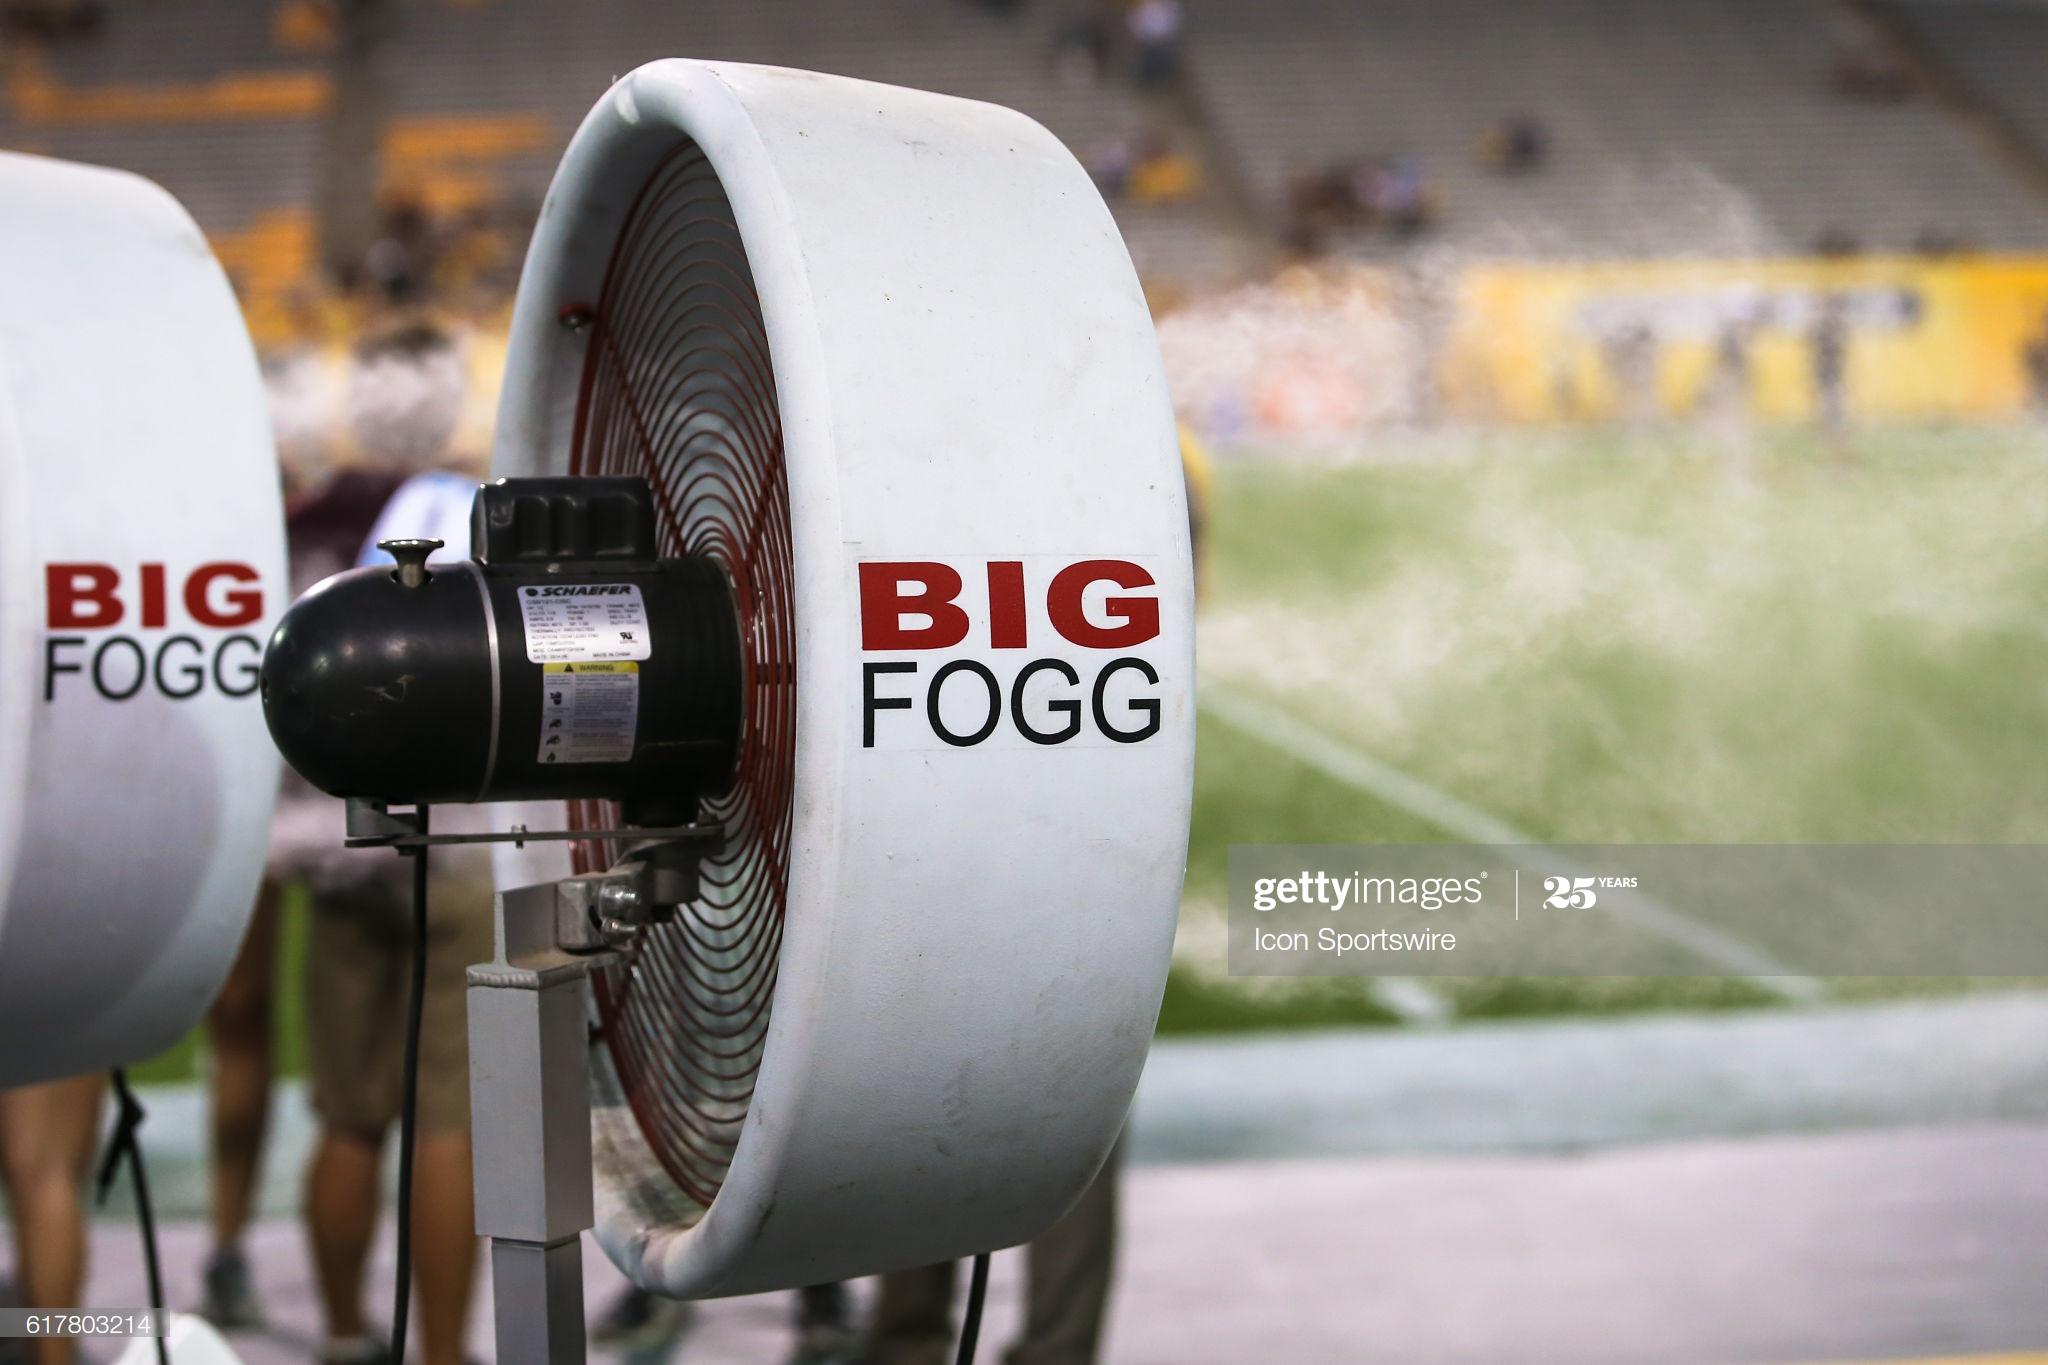 Big Fogg Misting Rentals